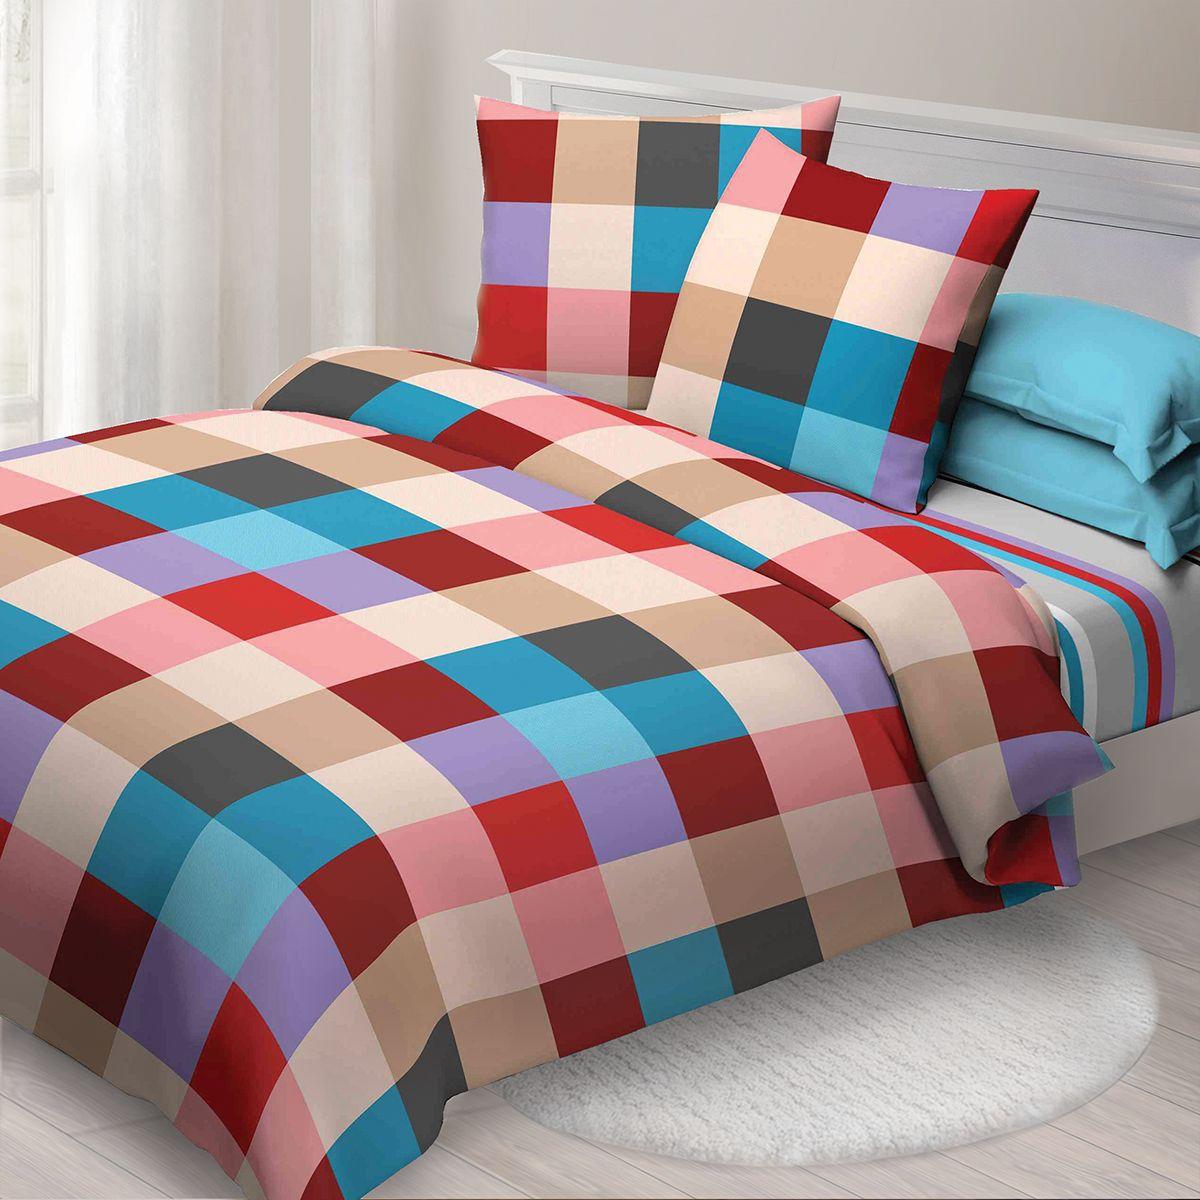 Комплект белья Спал Спалыч Рэйчел 4082-1, 2-спальный, наволочки 70х70 комплект постельного белья 1 5 спал спалыч рис 4084 1 карамель